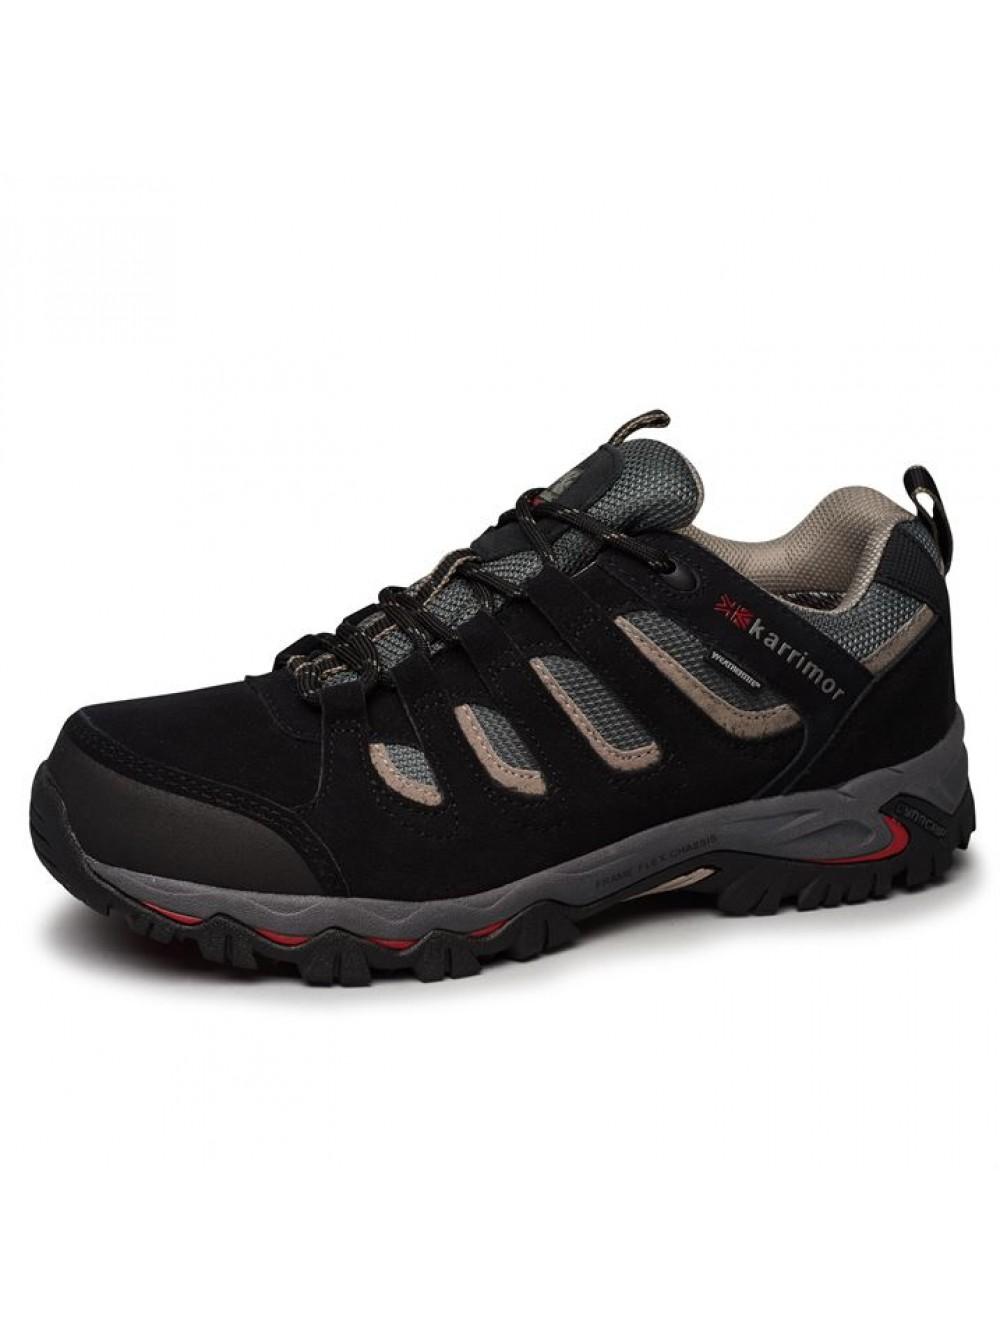 Footwear обувь производитель